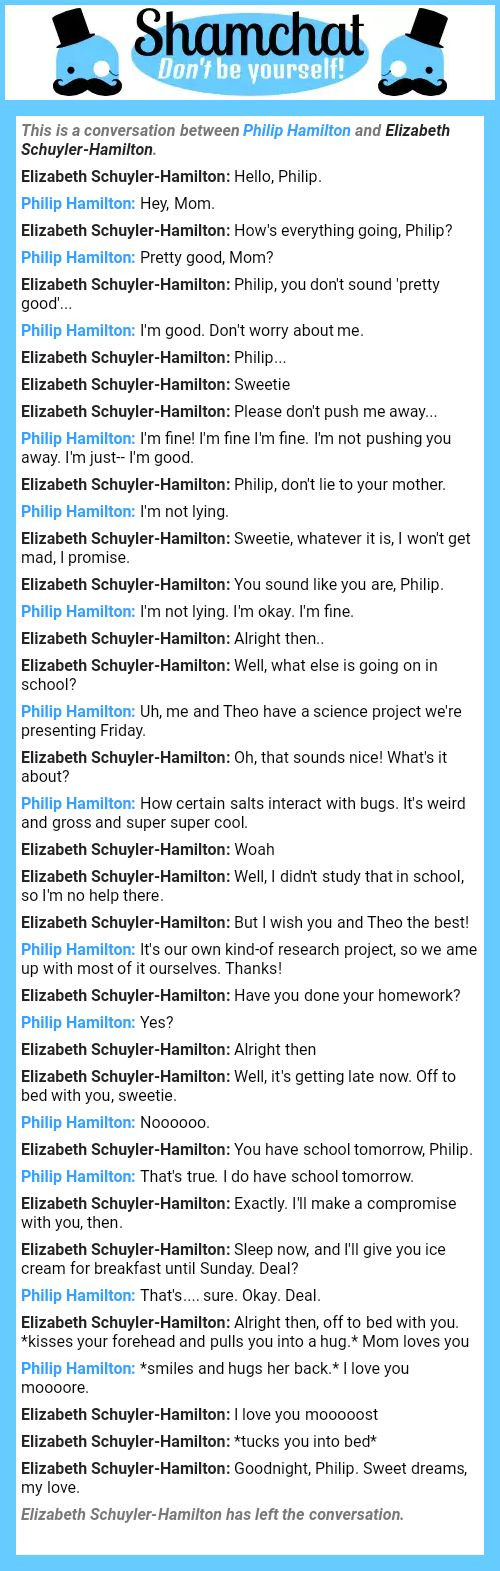 A conversation between Elizabeth Schuyler-Hamilton and Philip Hamilton